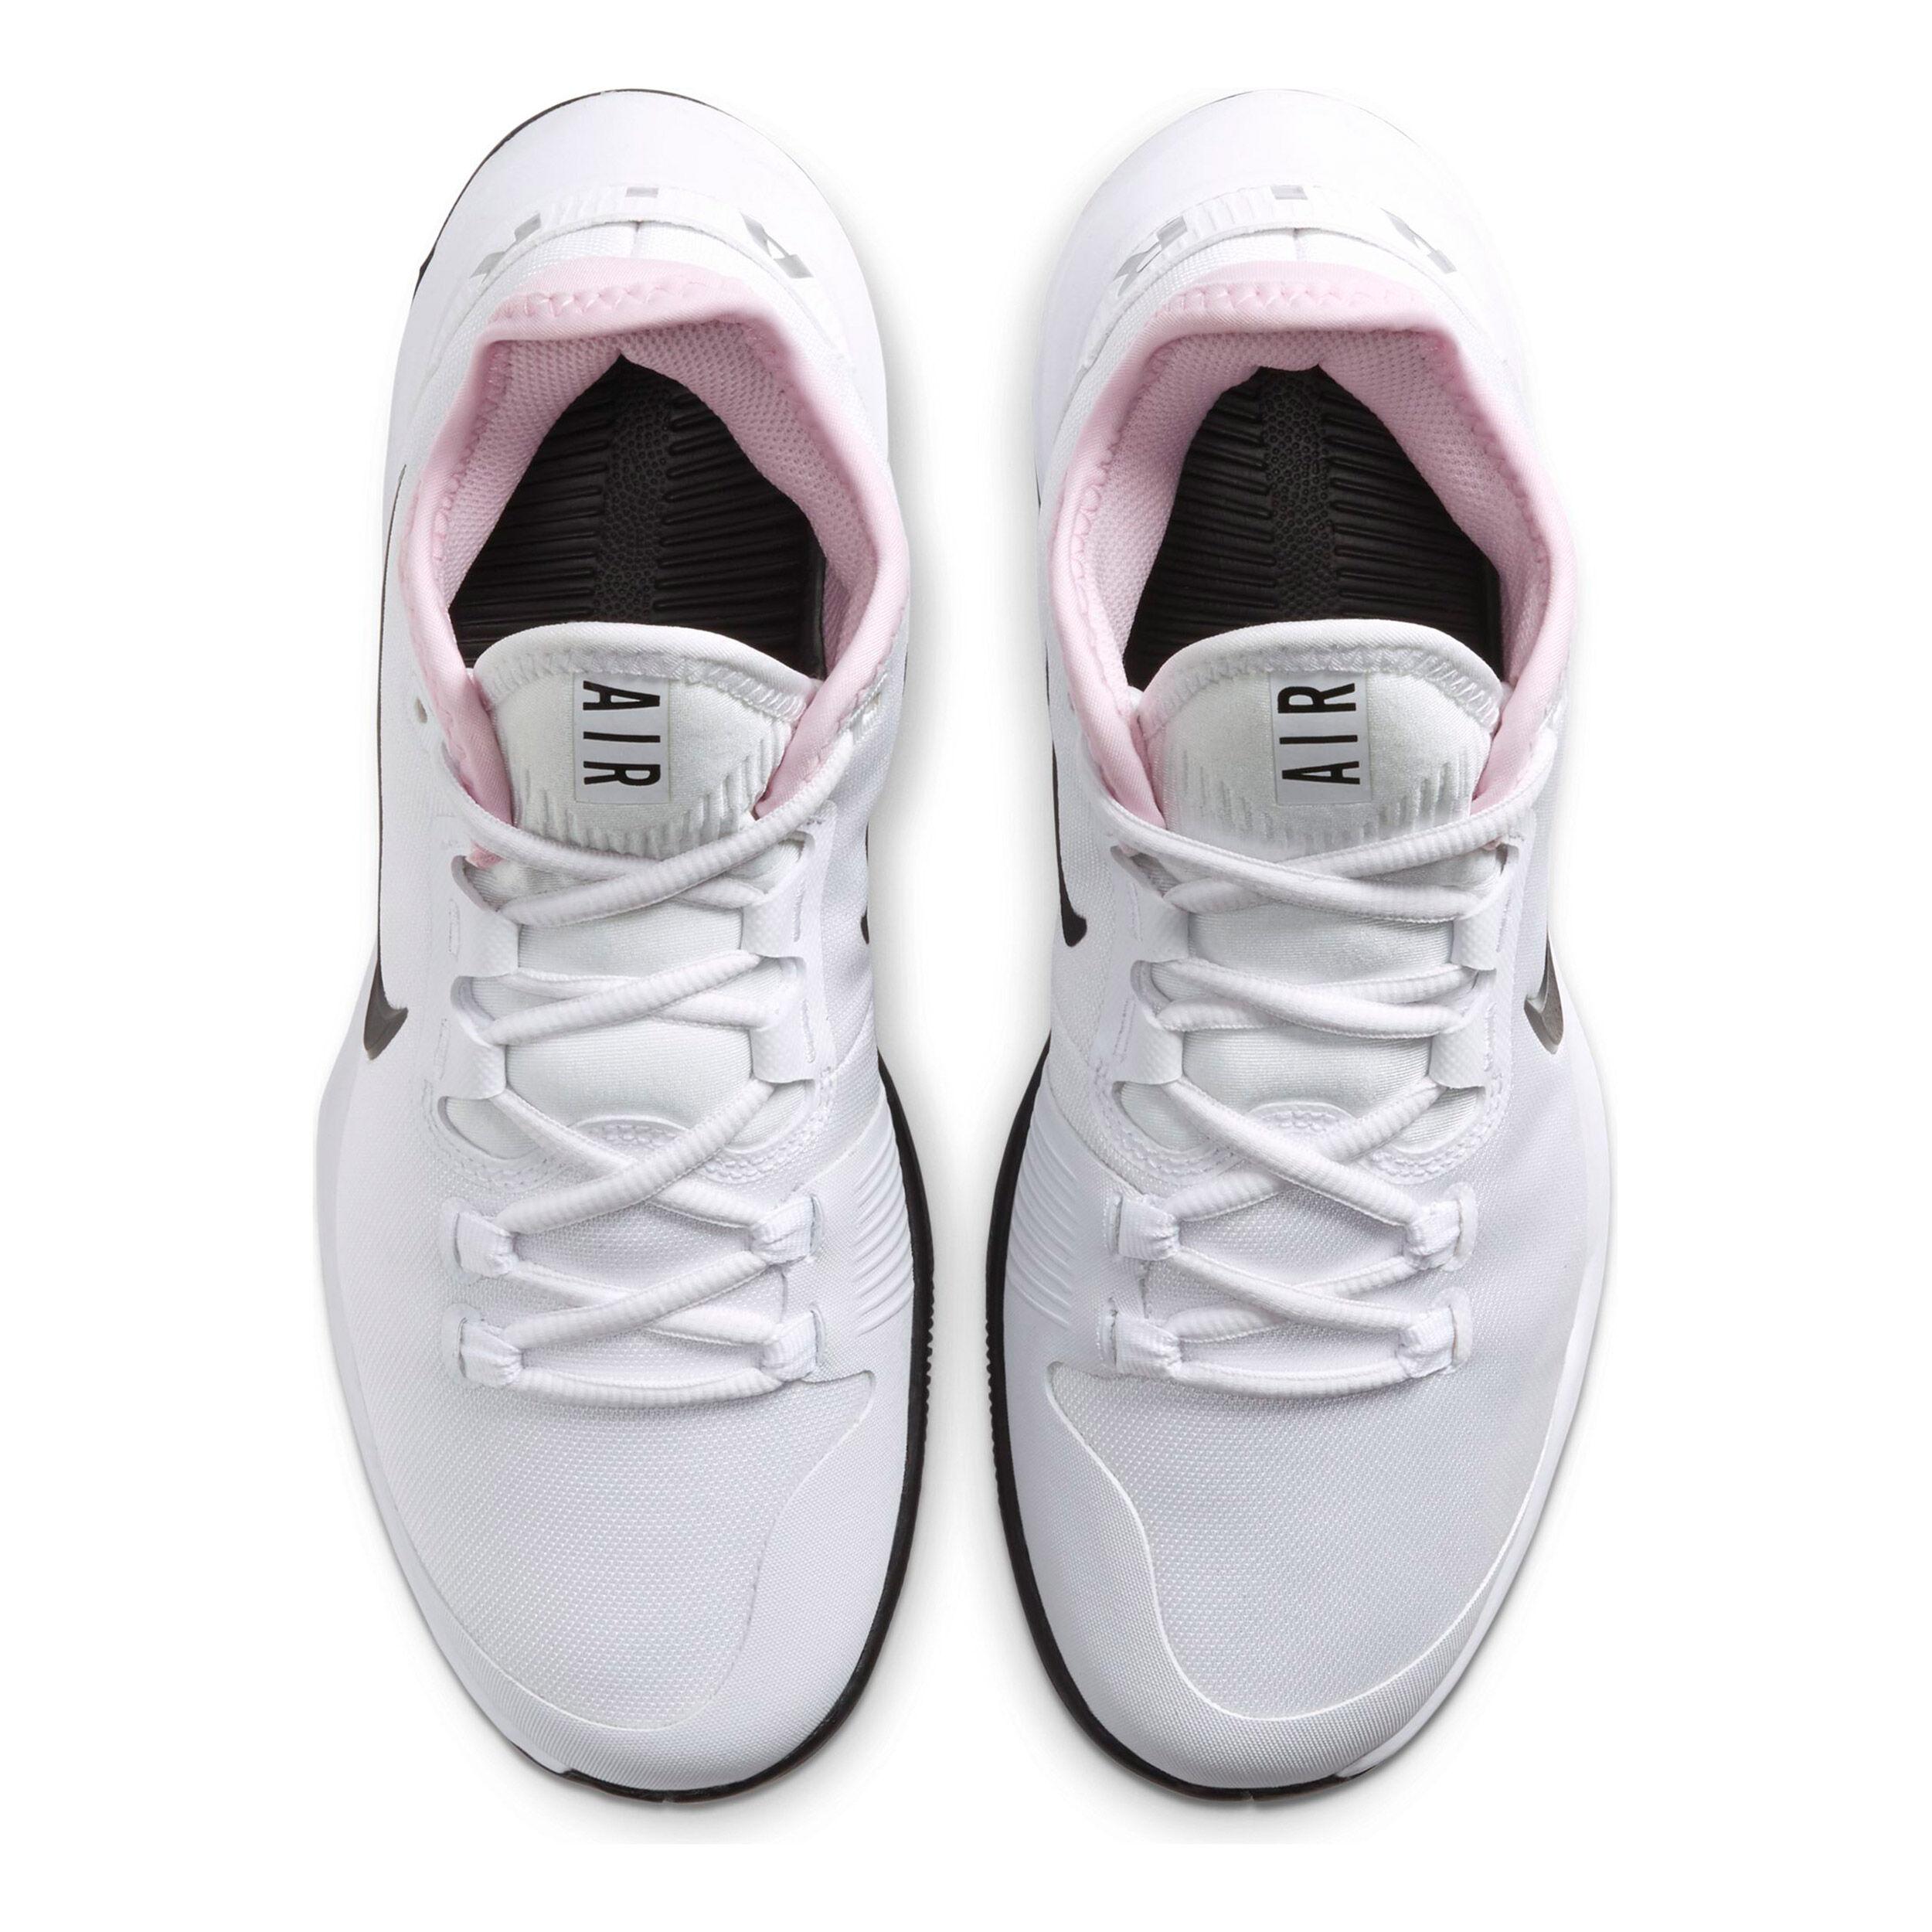 Nike Air Max Wildcard Chaussures Toutes Surfaces Femmes - Blanc ...